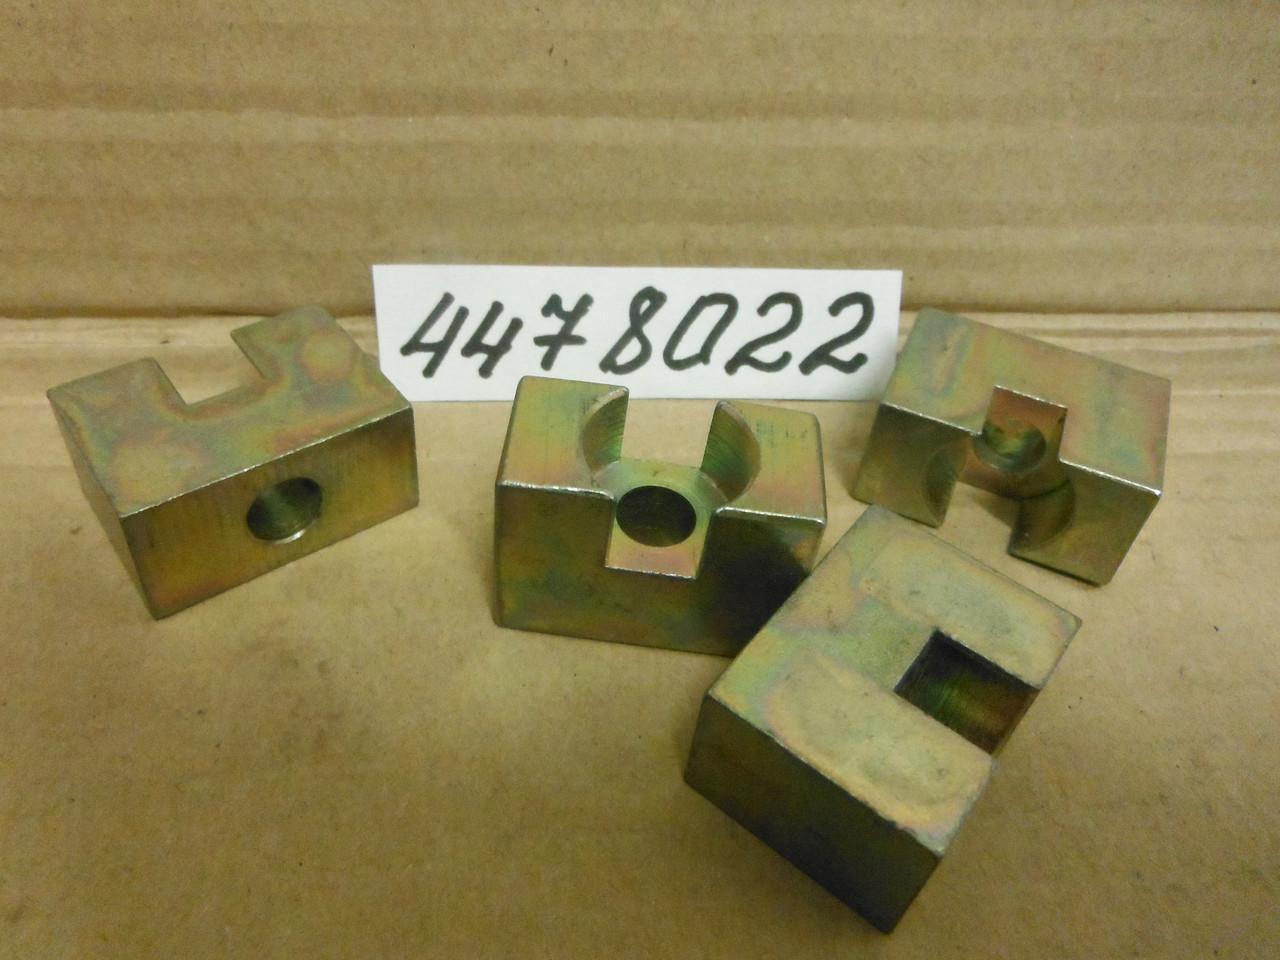 STILL 4478022 втулка